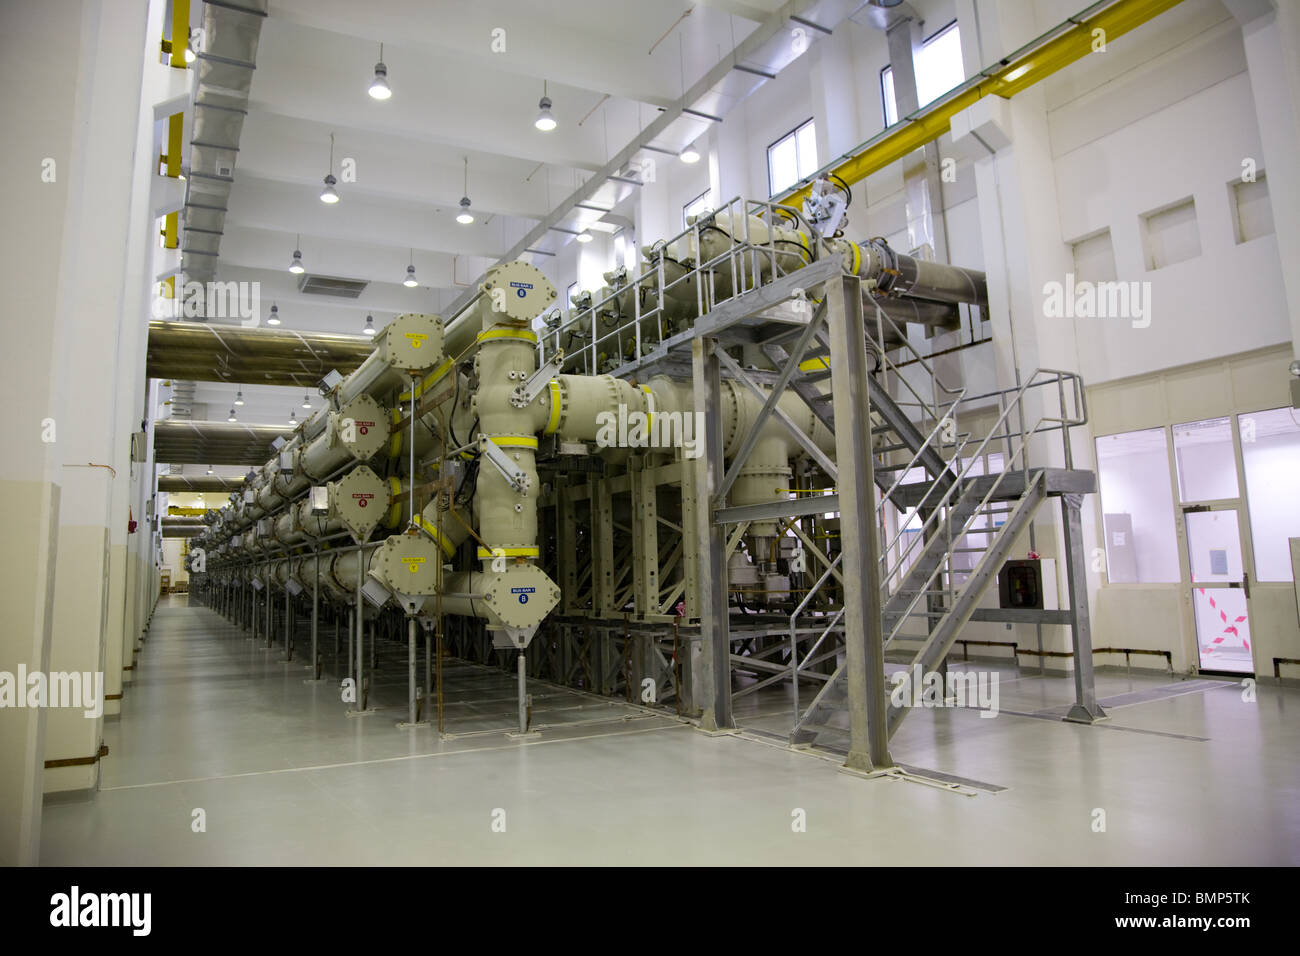 Power plant generator room generators uae interior stock for Interior room design generator